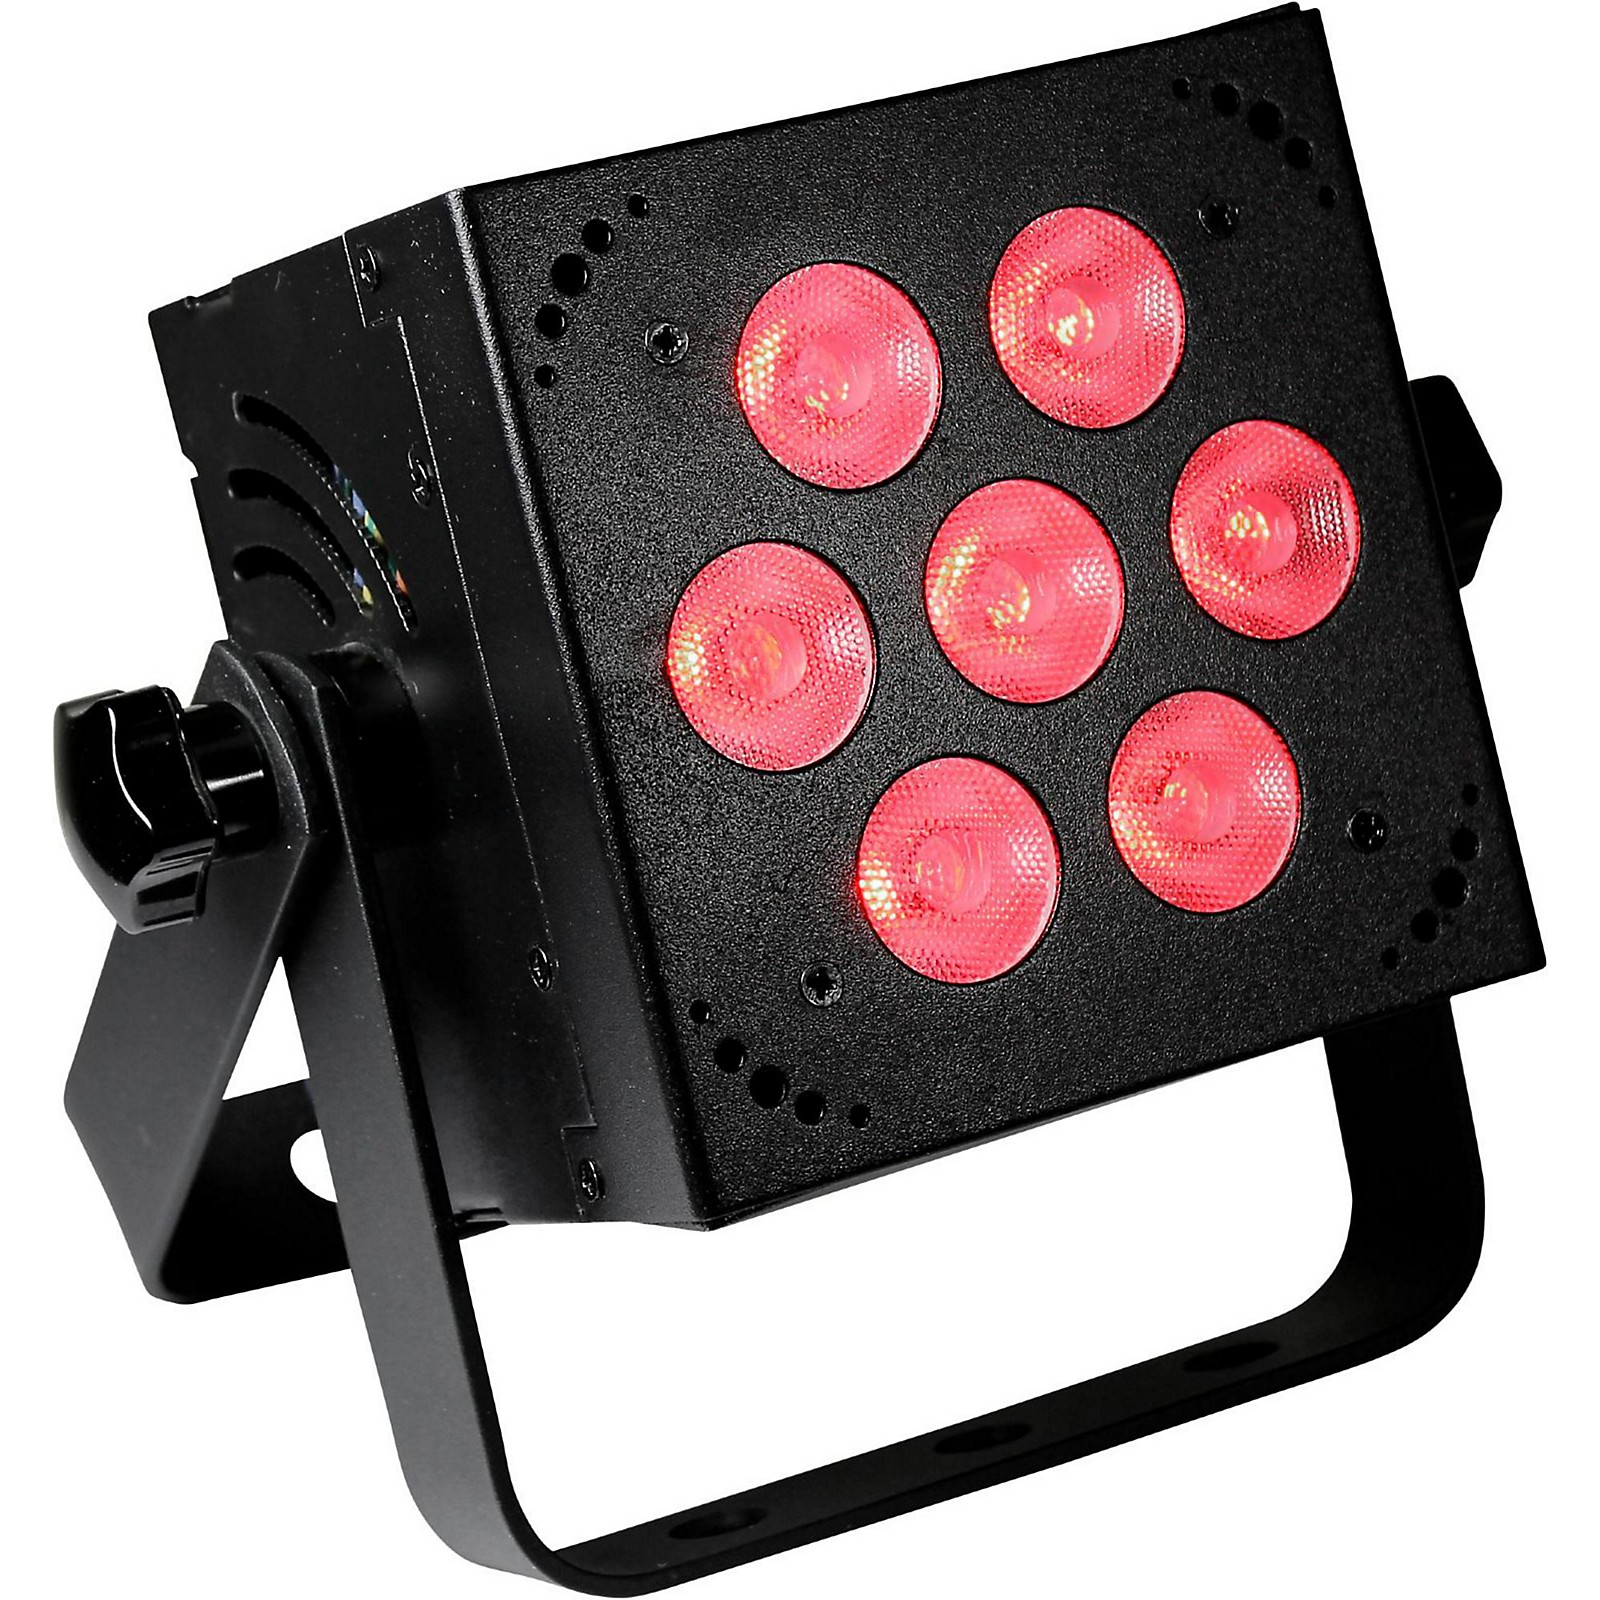 Blizzard HotBox EXA RGBAW+UV 7x15 Watt LED Wash Light